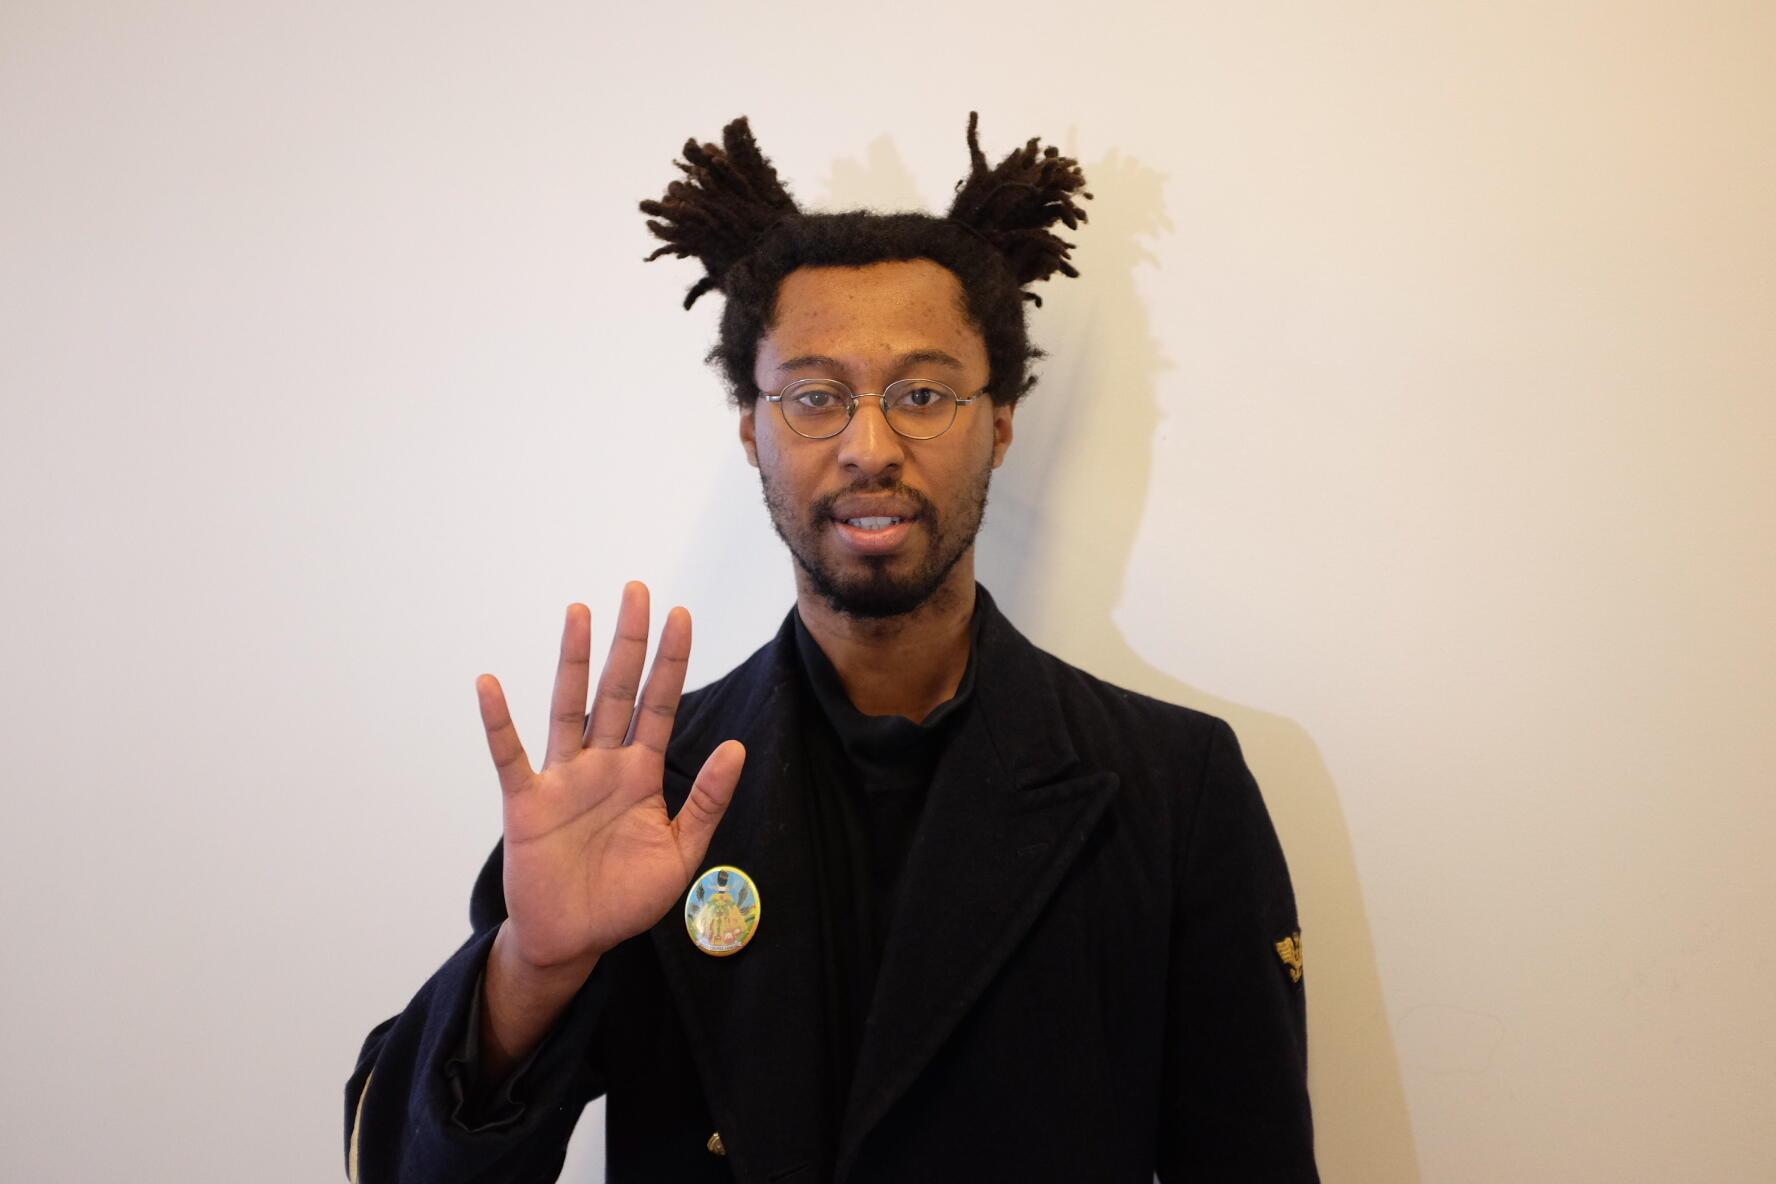 L'artiste «Seumboy VRAINOM : €», né en 1992, en France, proclame «vivre et travailler sur Internet». Il a créé une œuvre vidéo intitulée «Prière au wifi».